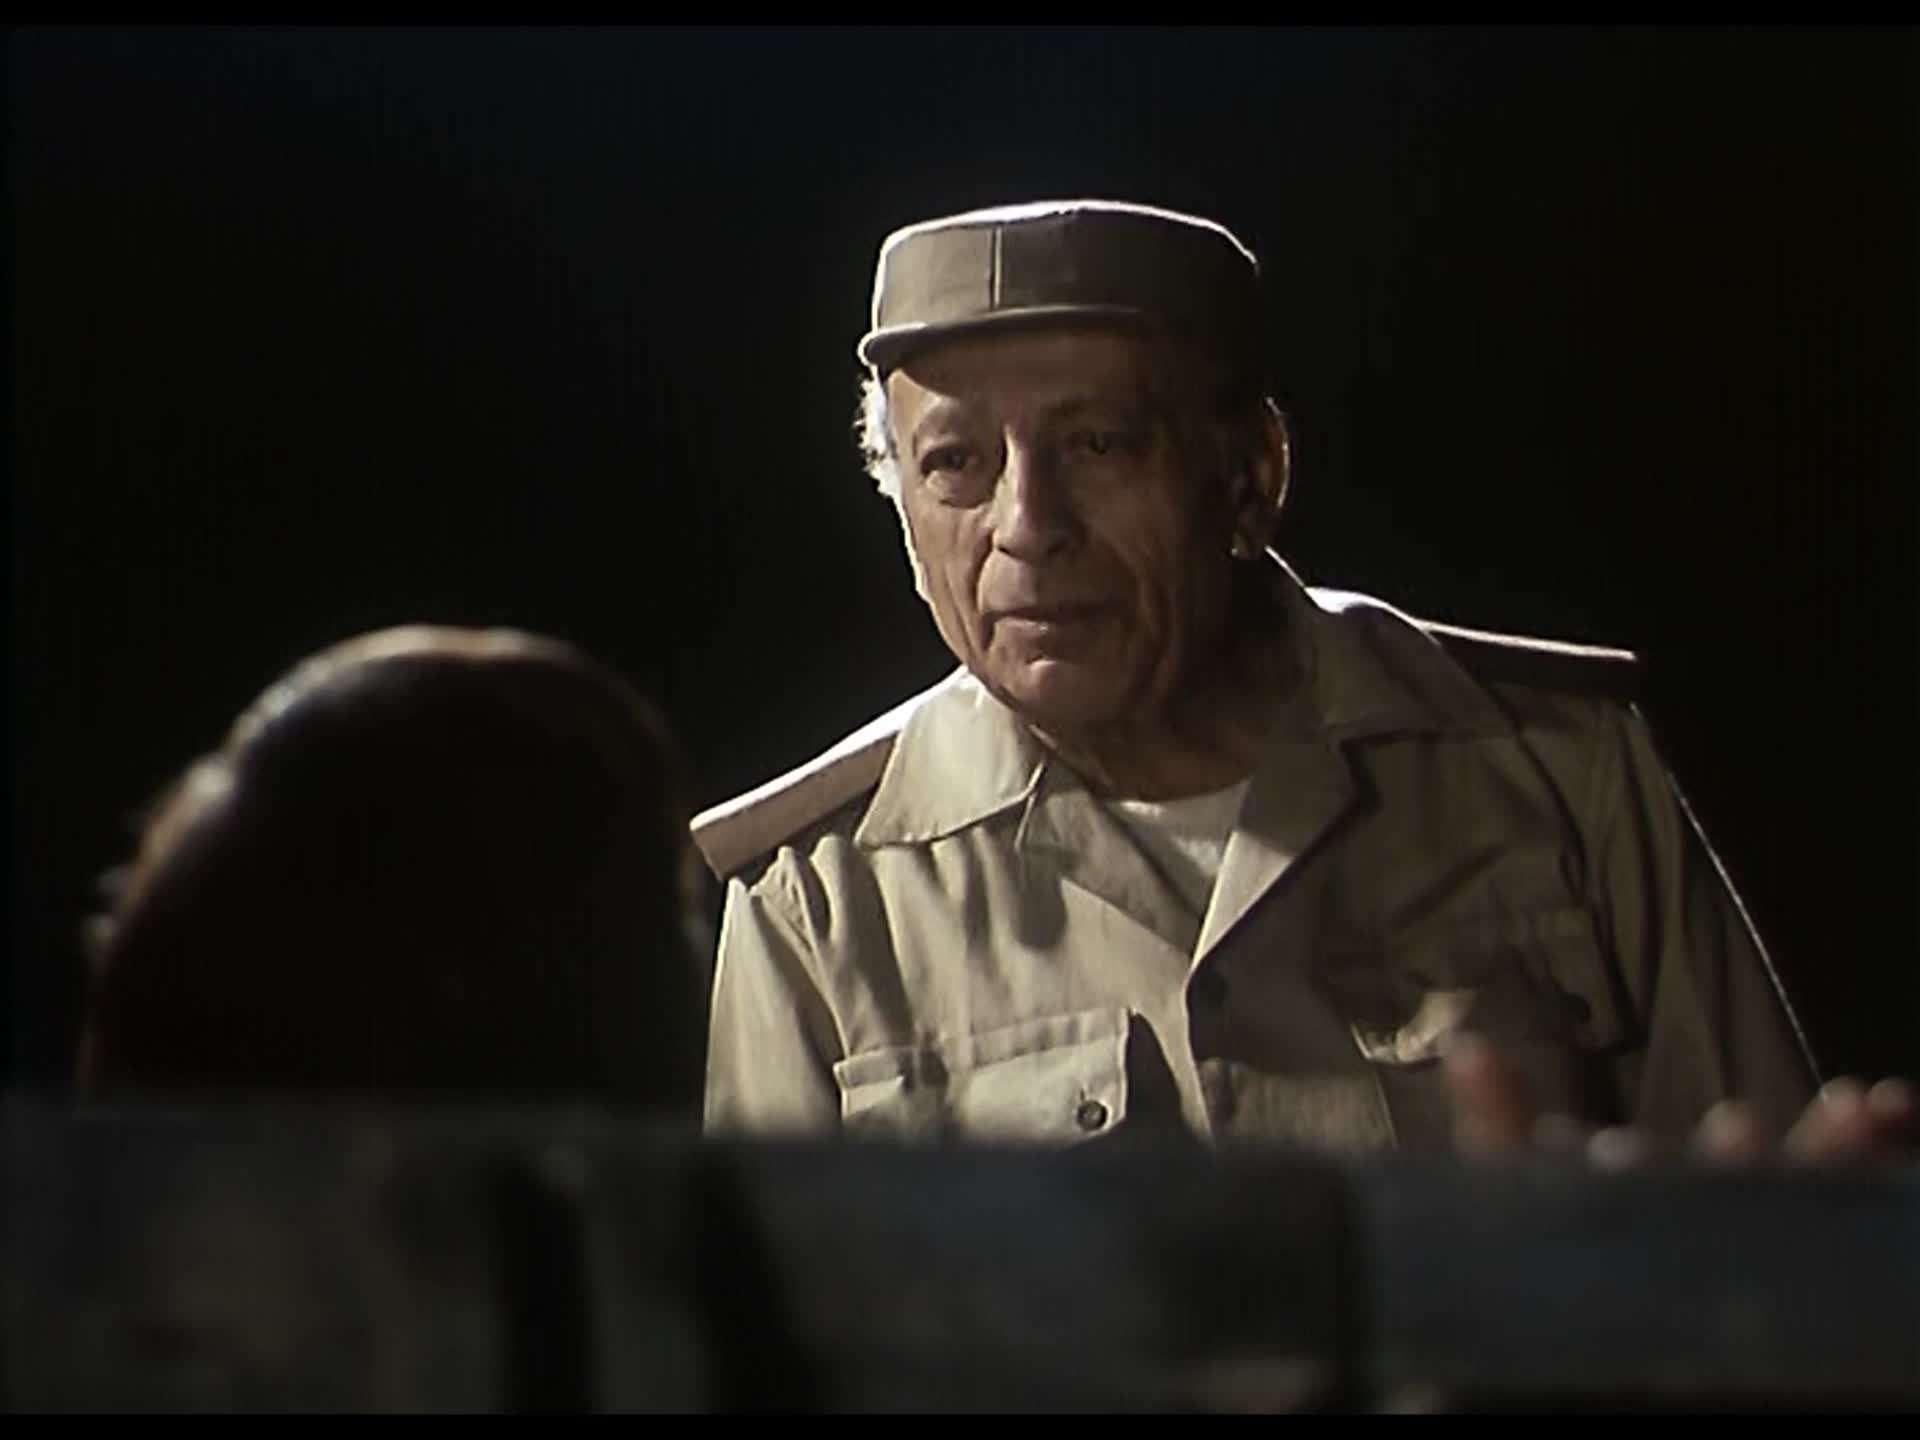 [فيلم][تورنت][تحميل][وراء الشمس][1978][1080p][Web-DL] 15 arabp2p.com